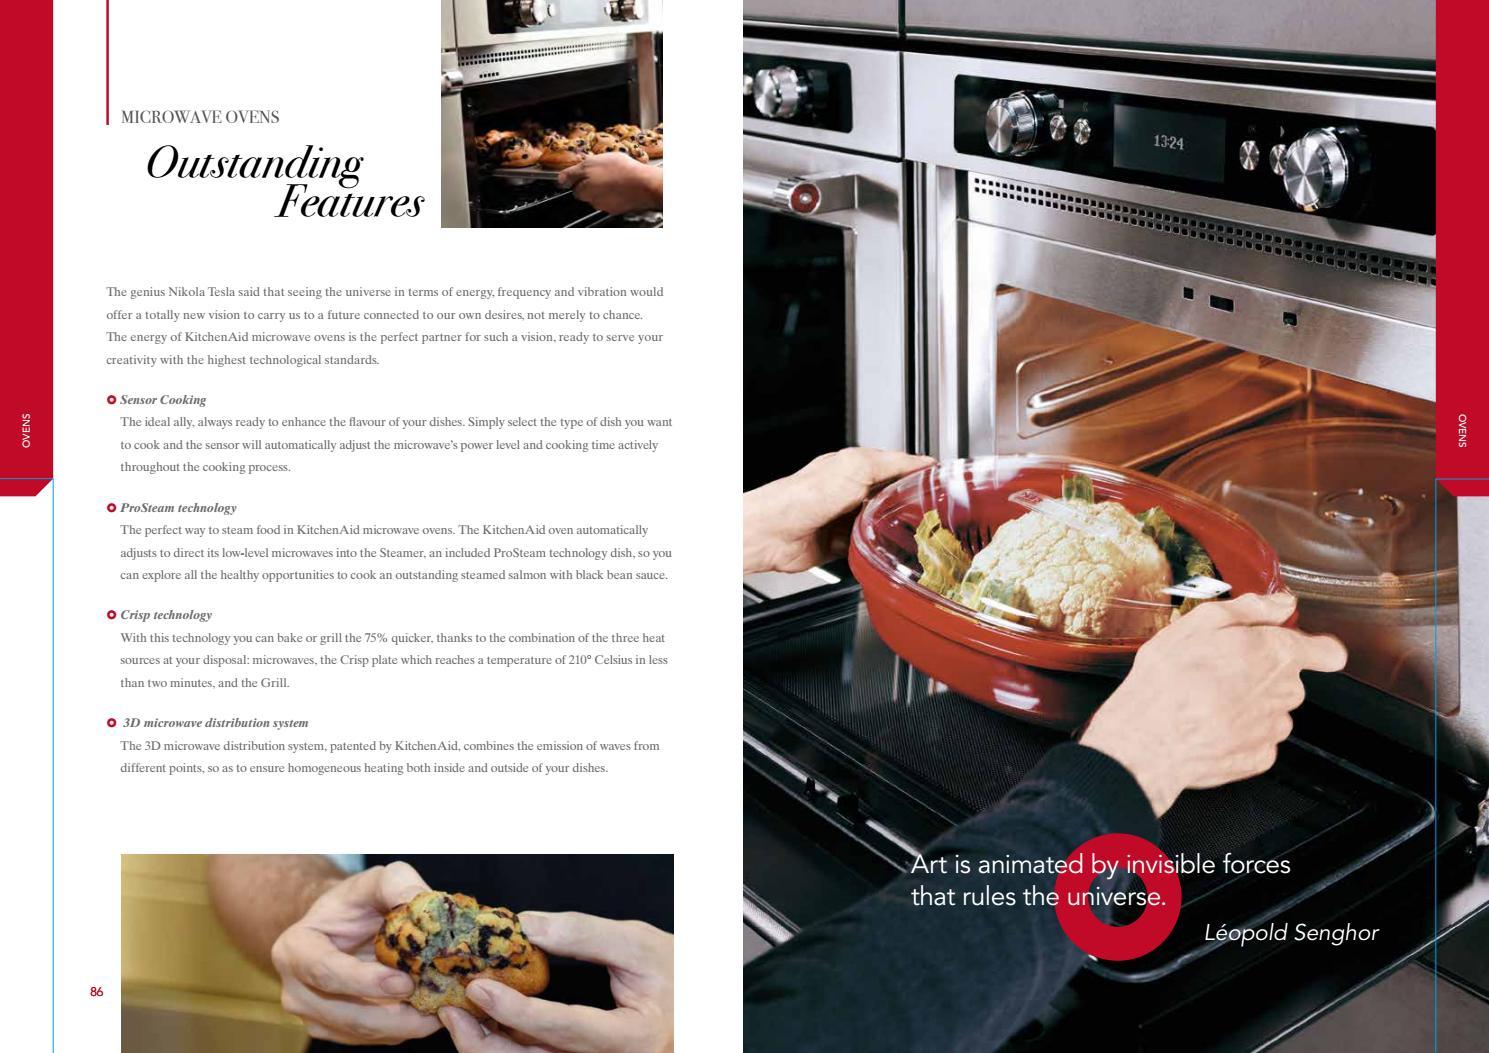 kitchenaid heimilistaeki by iod issuu